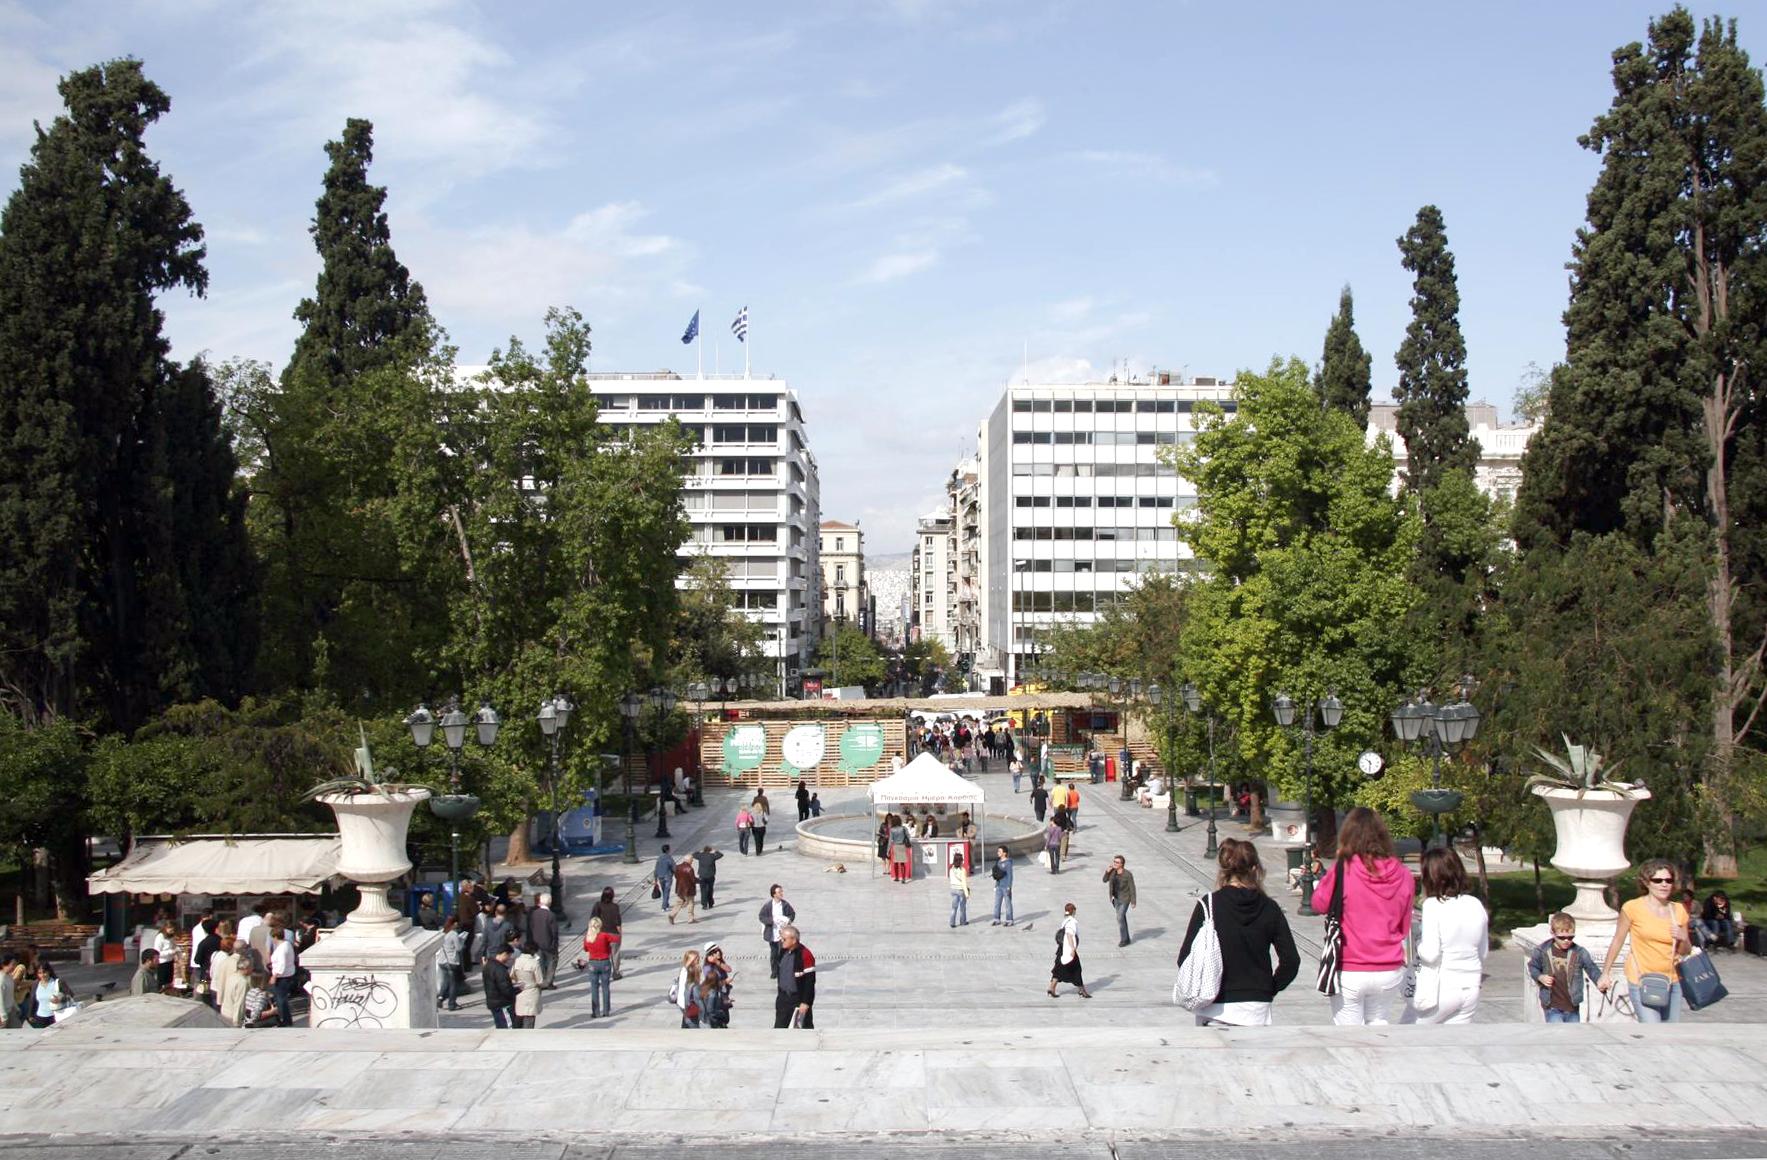 der Syntagma-Platz